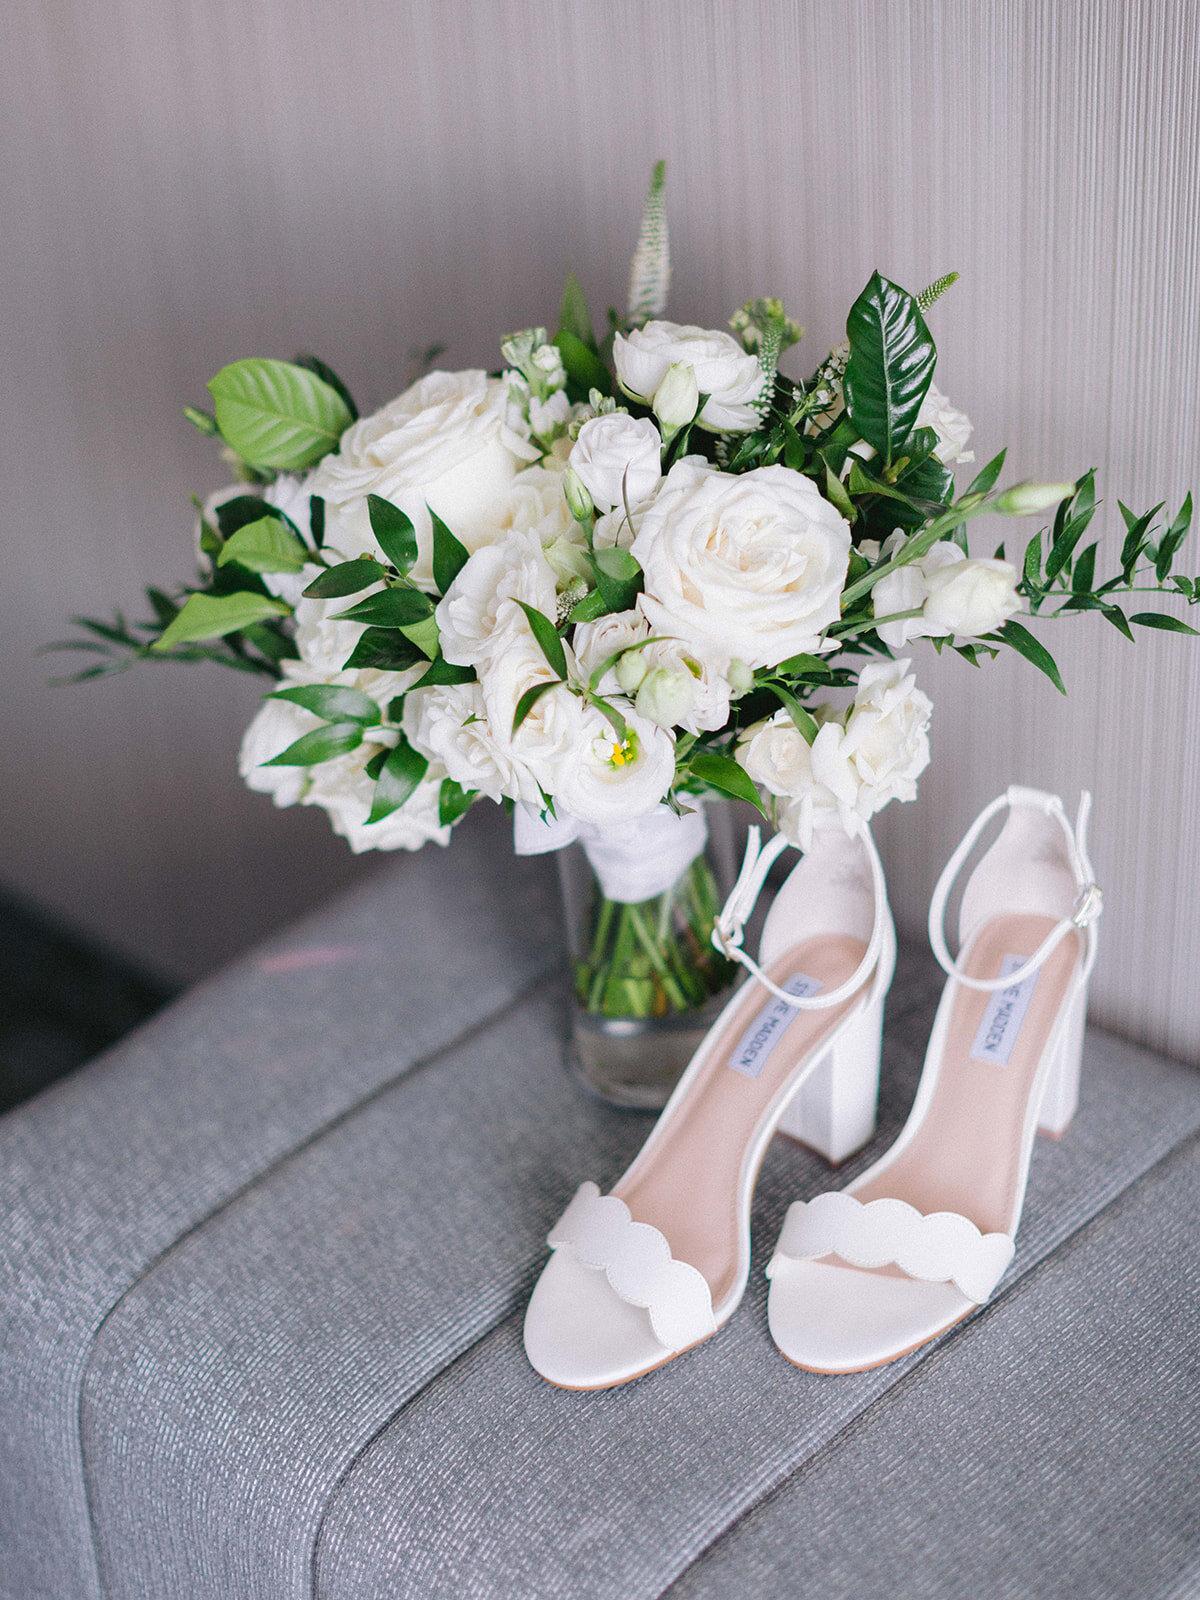 Bride_Getting_Ready_(10_of_54).jpg